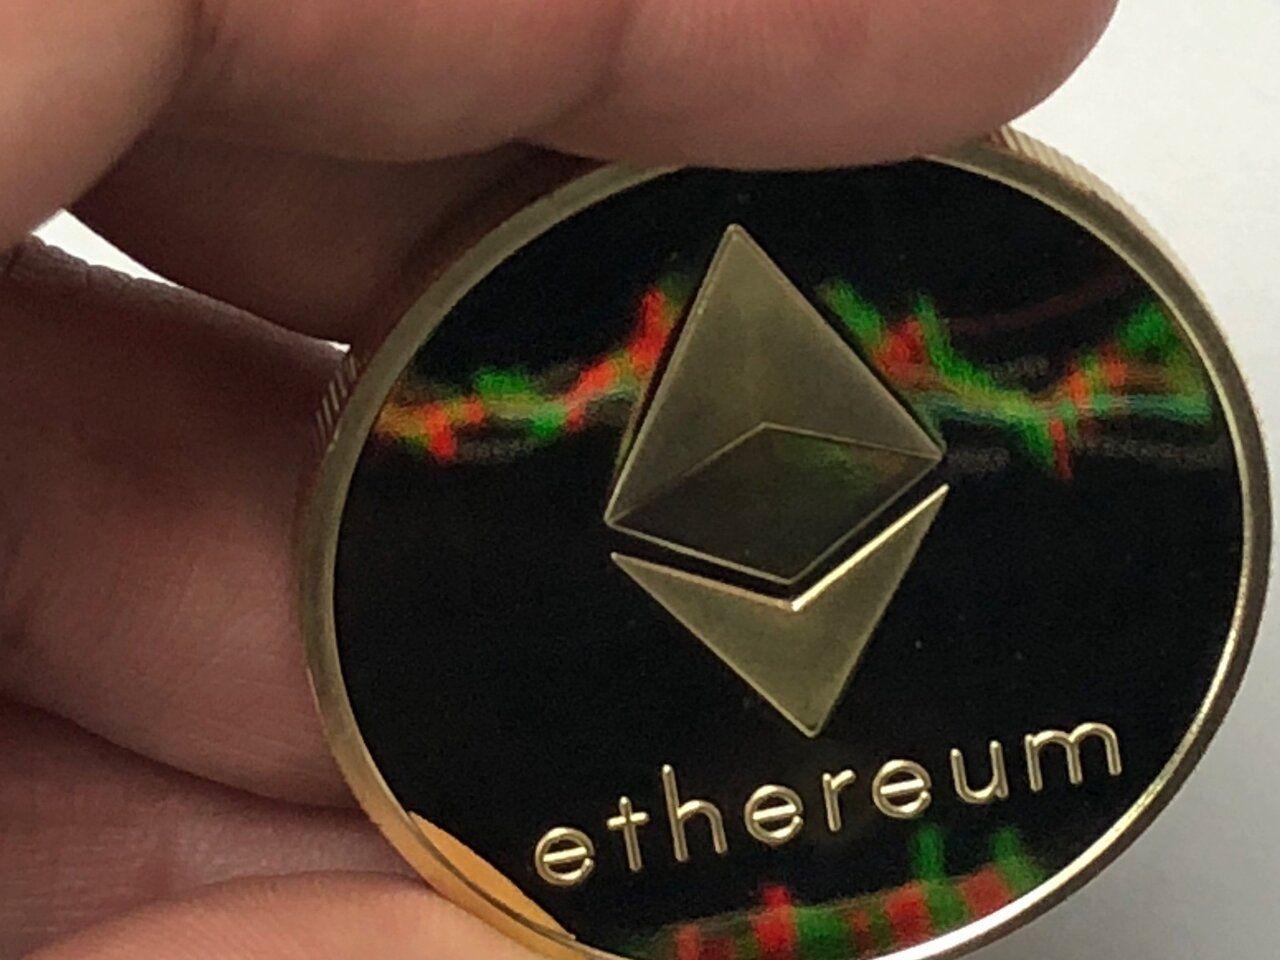 Дэн Морхед: «После выхода ETH 2.0 эфир может превзойти биткоин»